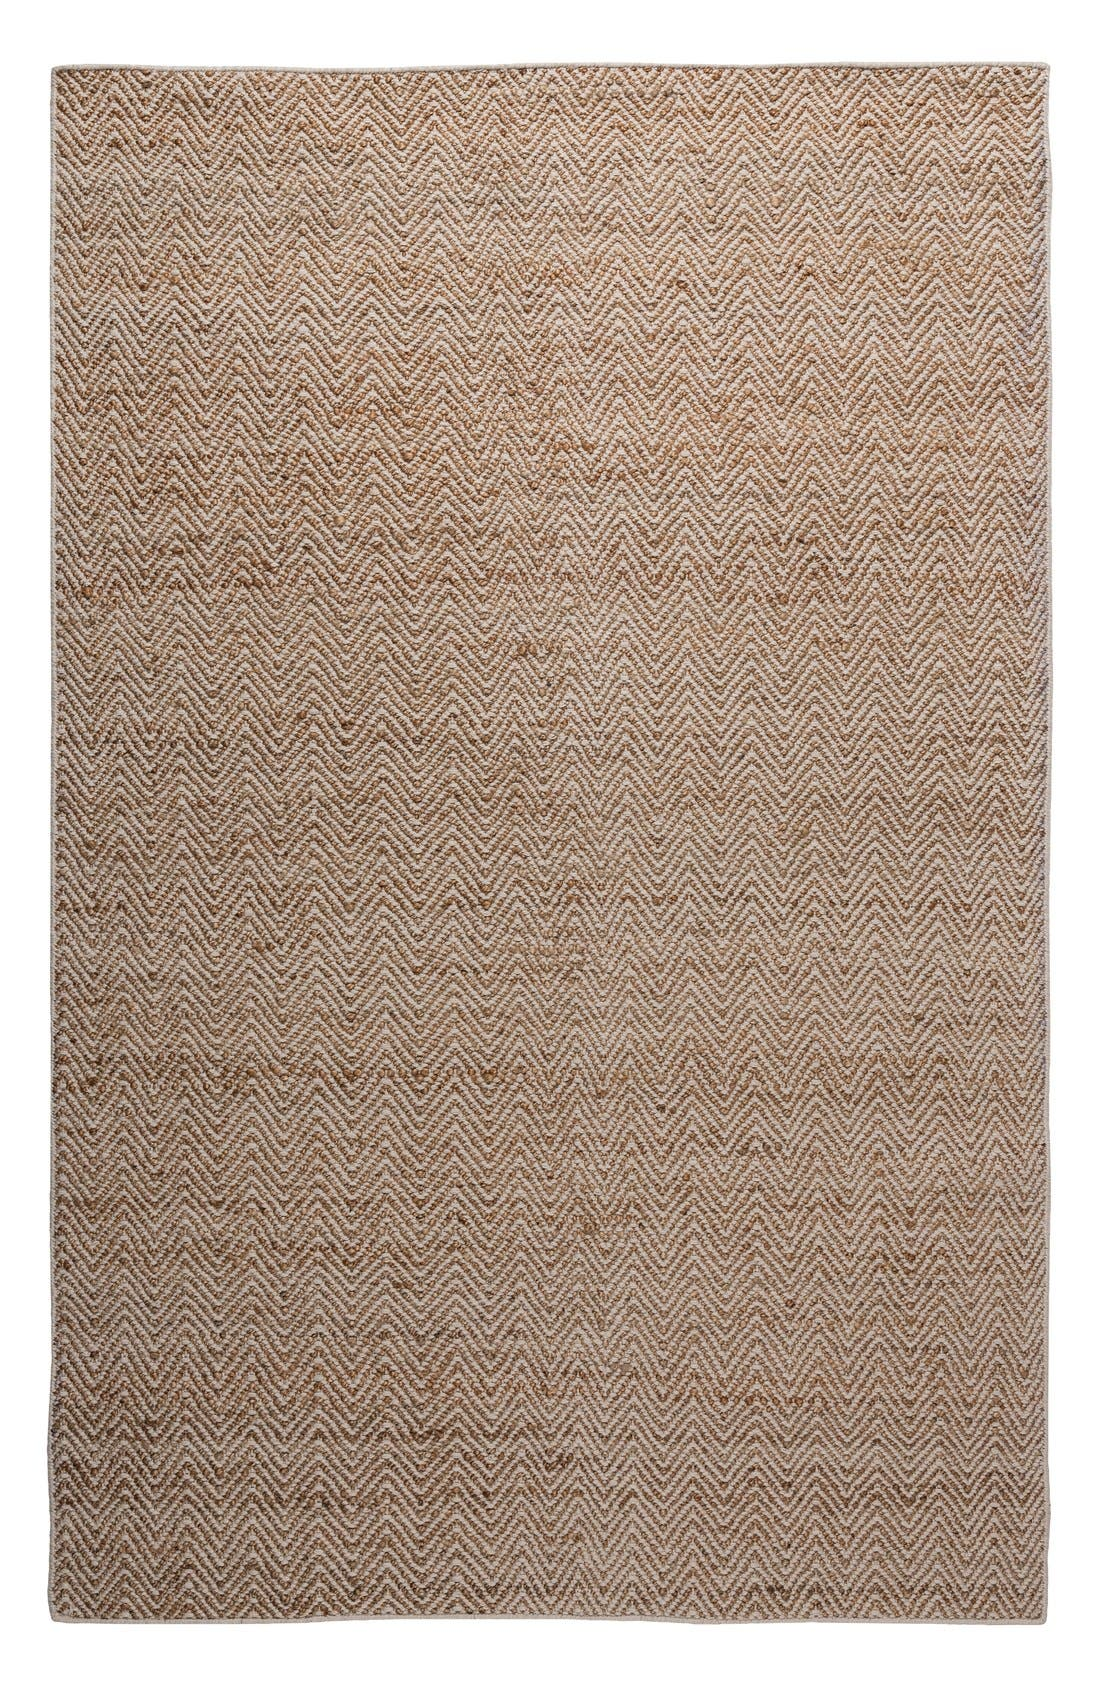 'Ellington' Hand Loomed Jute & Wool Area Rug,                         Main,                         color, 255